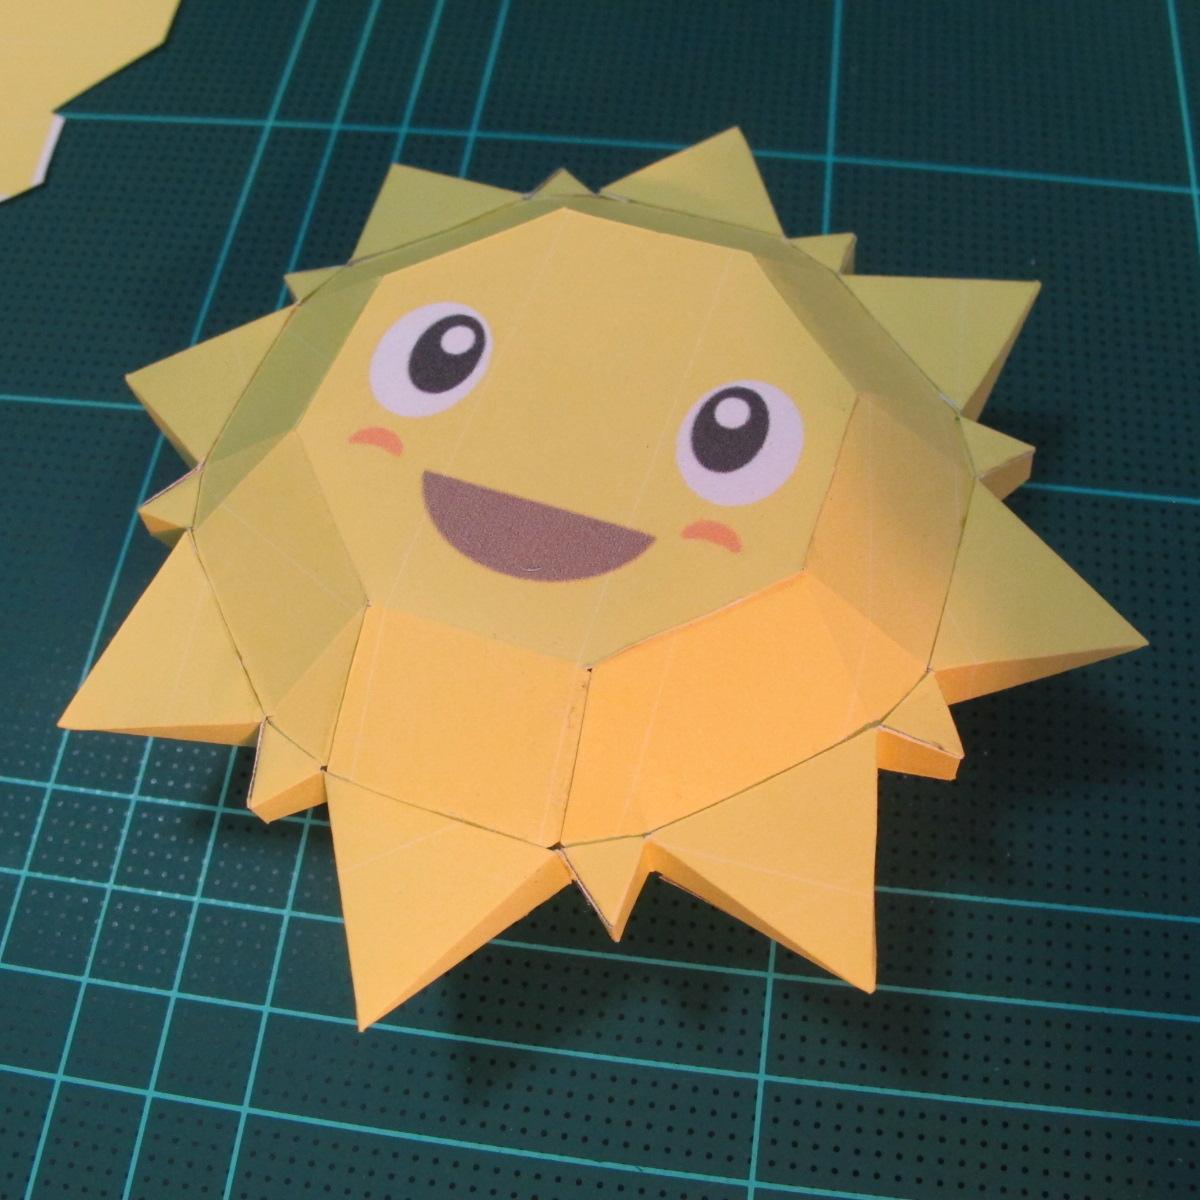 วิธีทำของเล่นโมเดลกระดาษรูปพระอาทิตย์ยิ้ม (Smiling Sun Paper Craft Model) 010